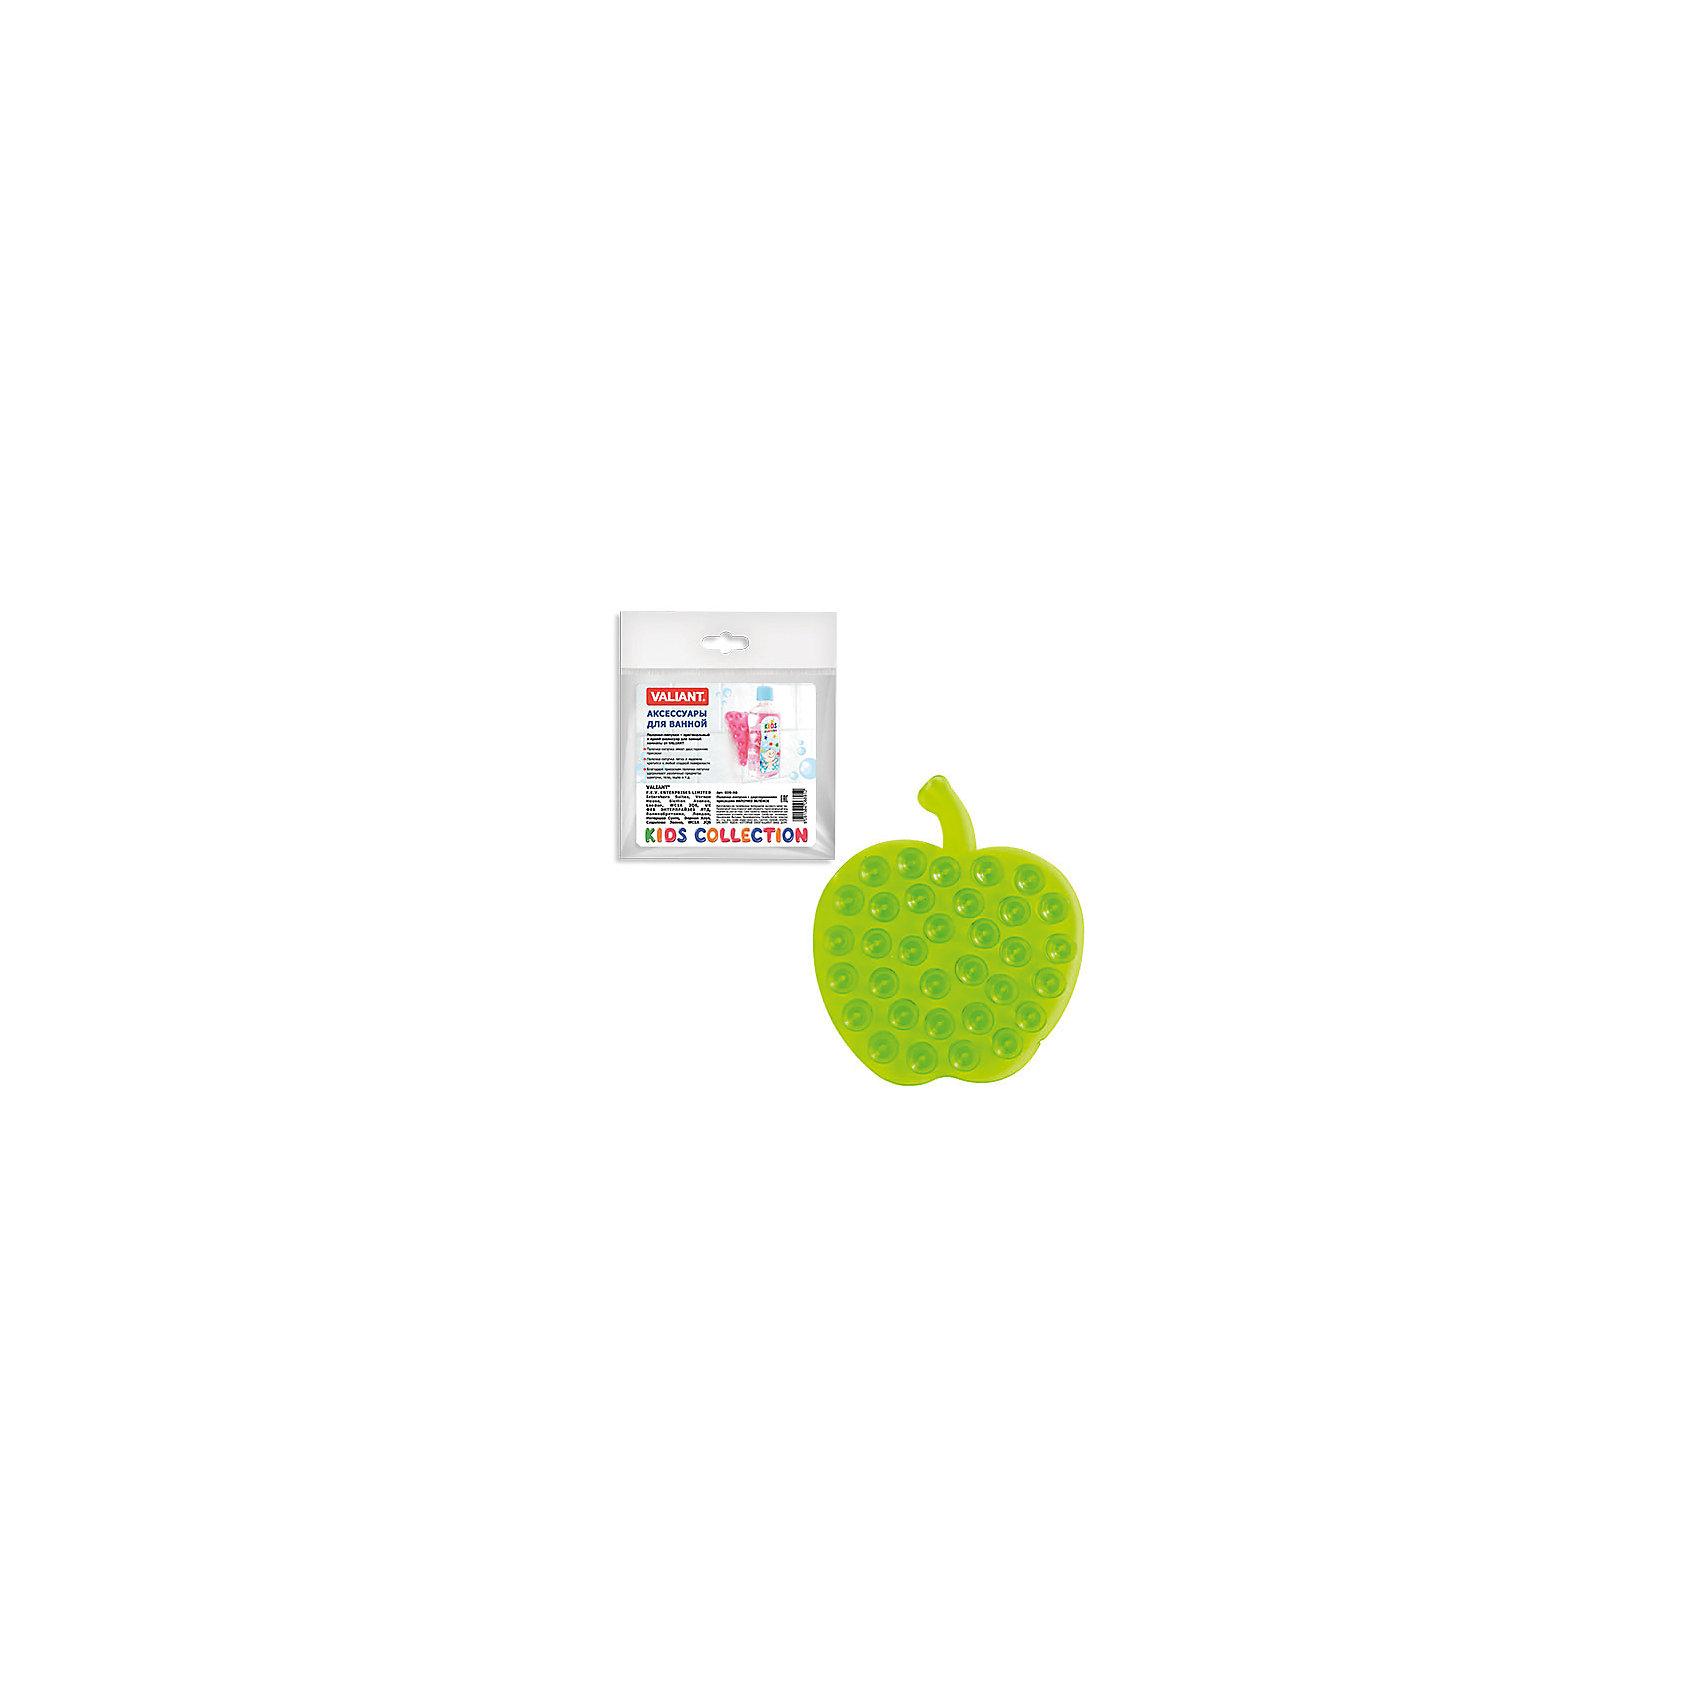 Полочка-липучка Зеленое яблочко с двусторонними присоскамиПолочка-липучка - это оригинальная игрушка для купания Вашего малыша, а так же функциональное решение по удобному креплению аксессуаров для ванной комнаты: шампуни, жидкое мыло, детские игрушки и  т.д.<br><br>Дополнительная информация: <br><br>- размер: 8.5* 9.5 см.<br>- материал: полимеры<br><br>Полочку-липучка Зеленое яблочко с двусторонними присосками можно купить в нашем интернет-магазине.<br><br>Ширина мм: 135<br>Глубина мм: 8<br>Высота мм: 160<br>Вес г: 15<br>Возраст от месяцев: -2147483648<br>Возраст до месяцев: 2147483647<br>Пол: Унисекс<br>Возраст: Детский<br>SKU: 4563399